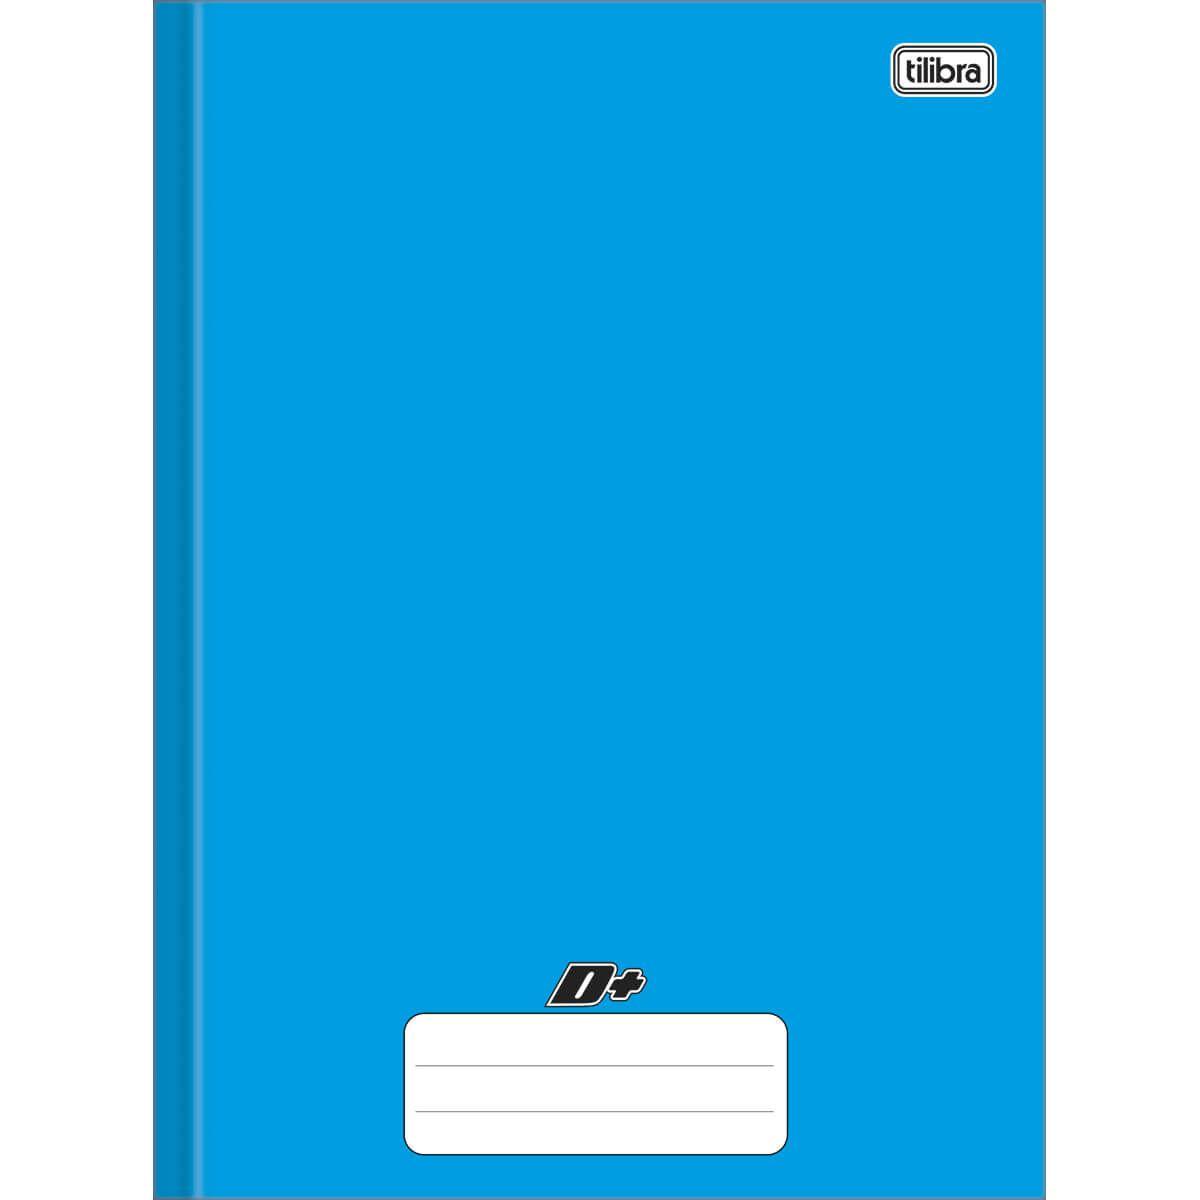 Caderno brochura 1/4 48 fls azul D+ Tilibra